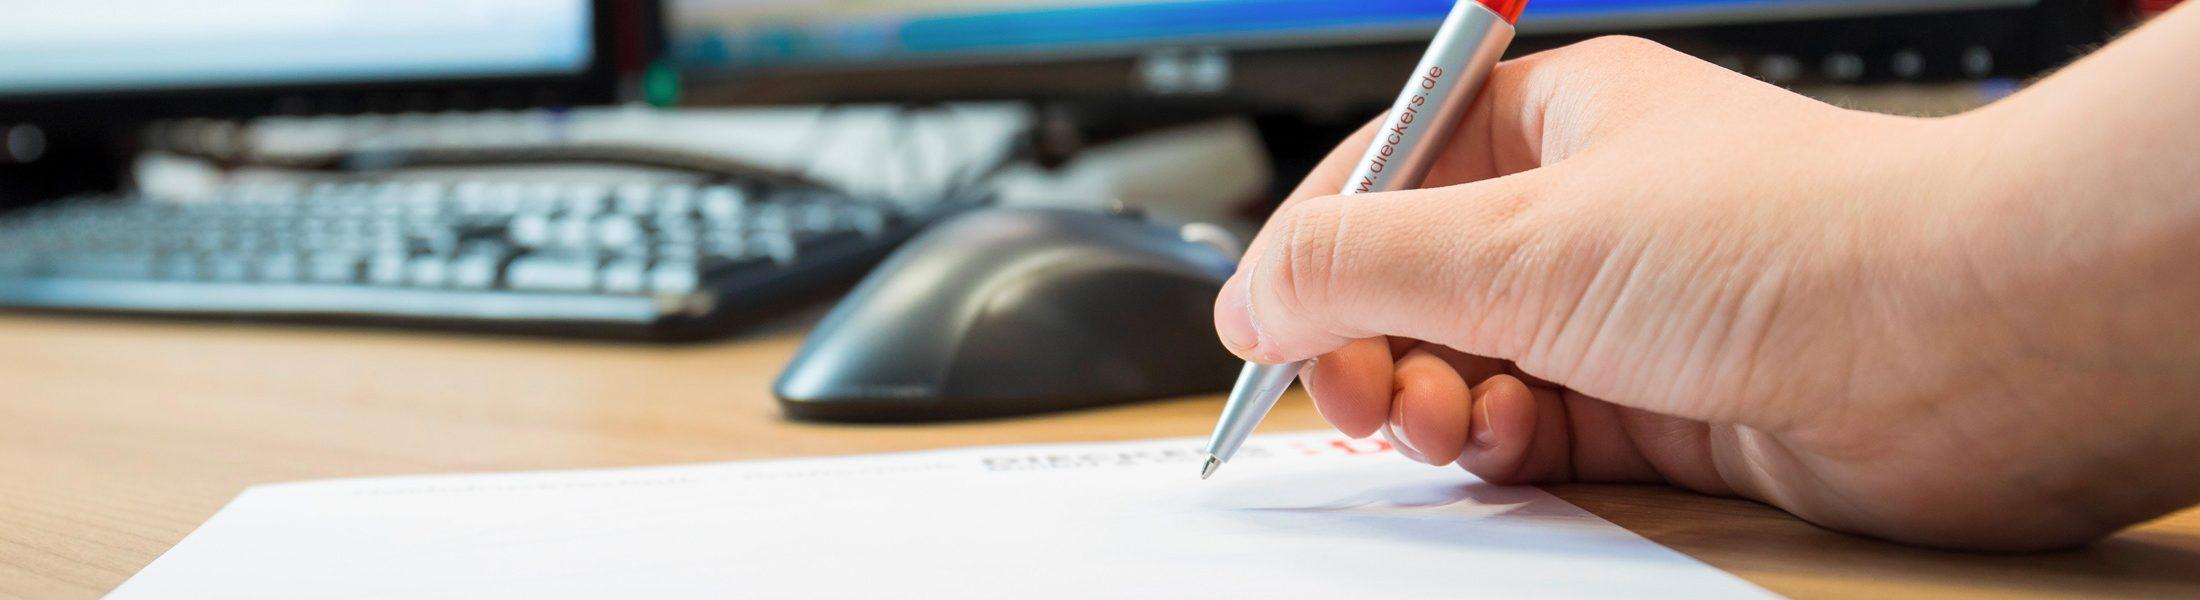 Abbildung Hand hält Stift